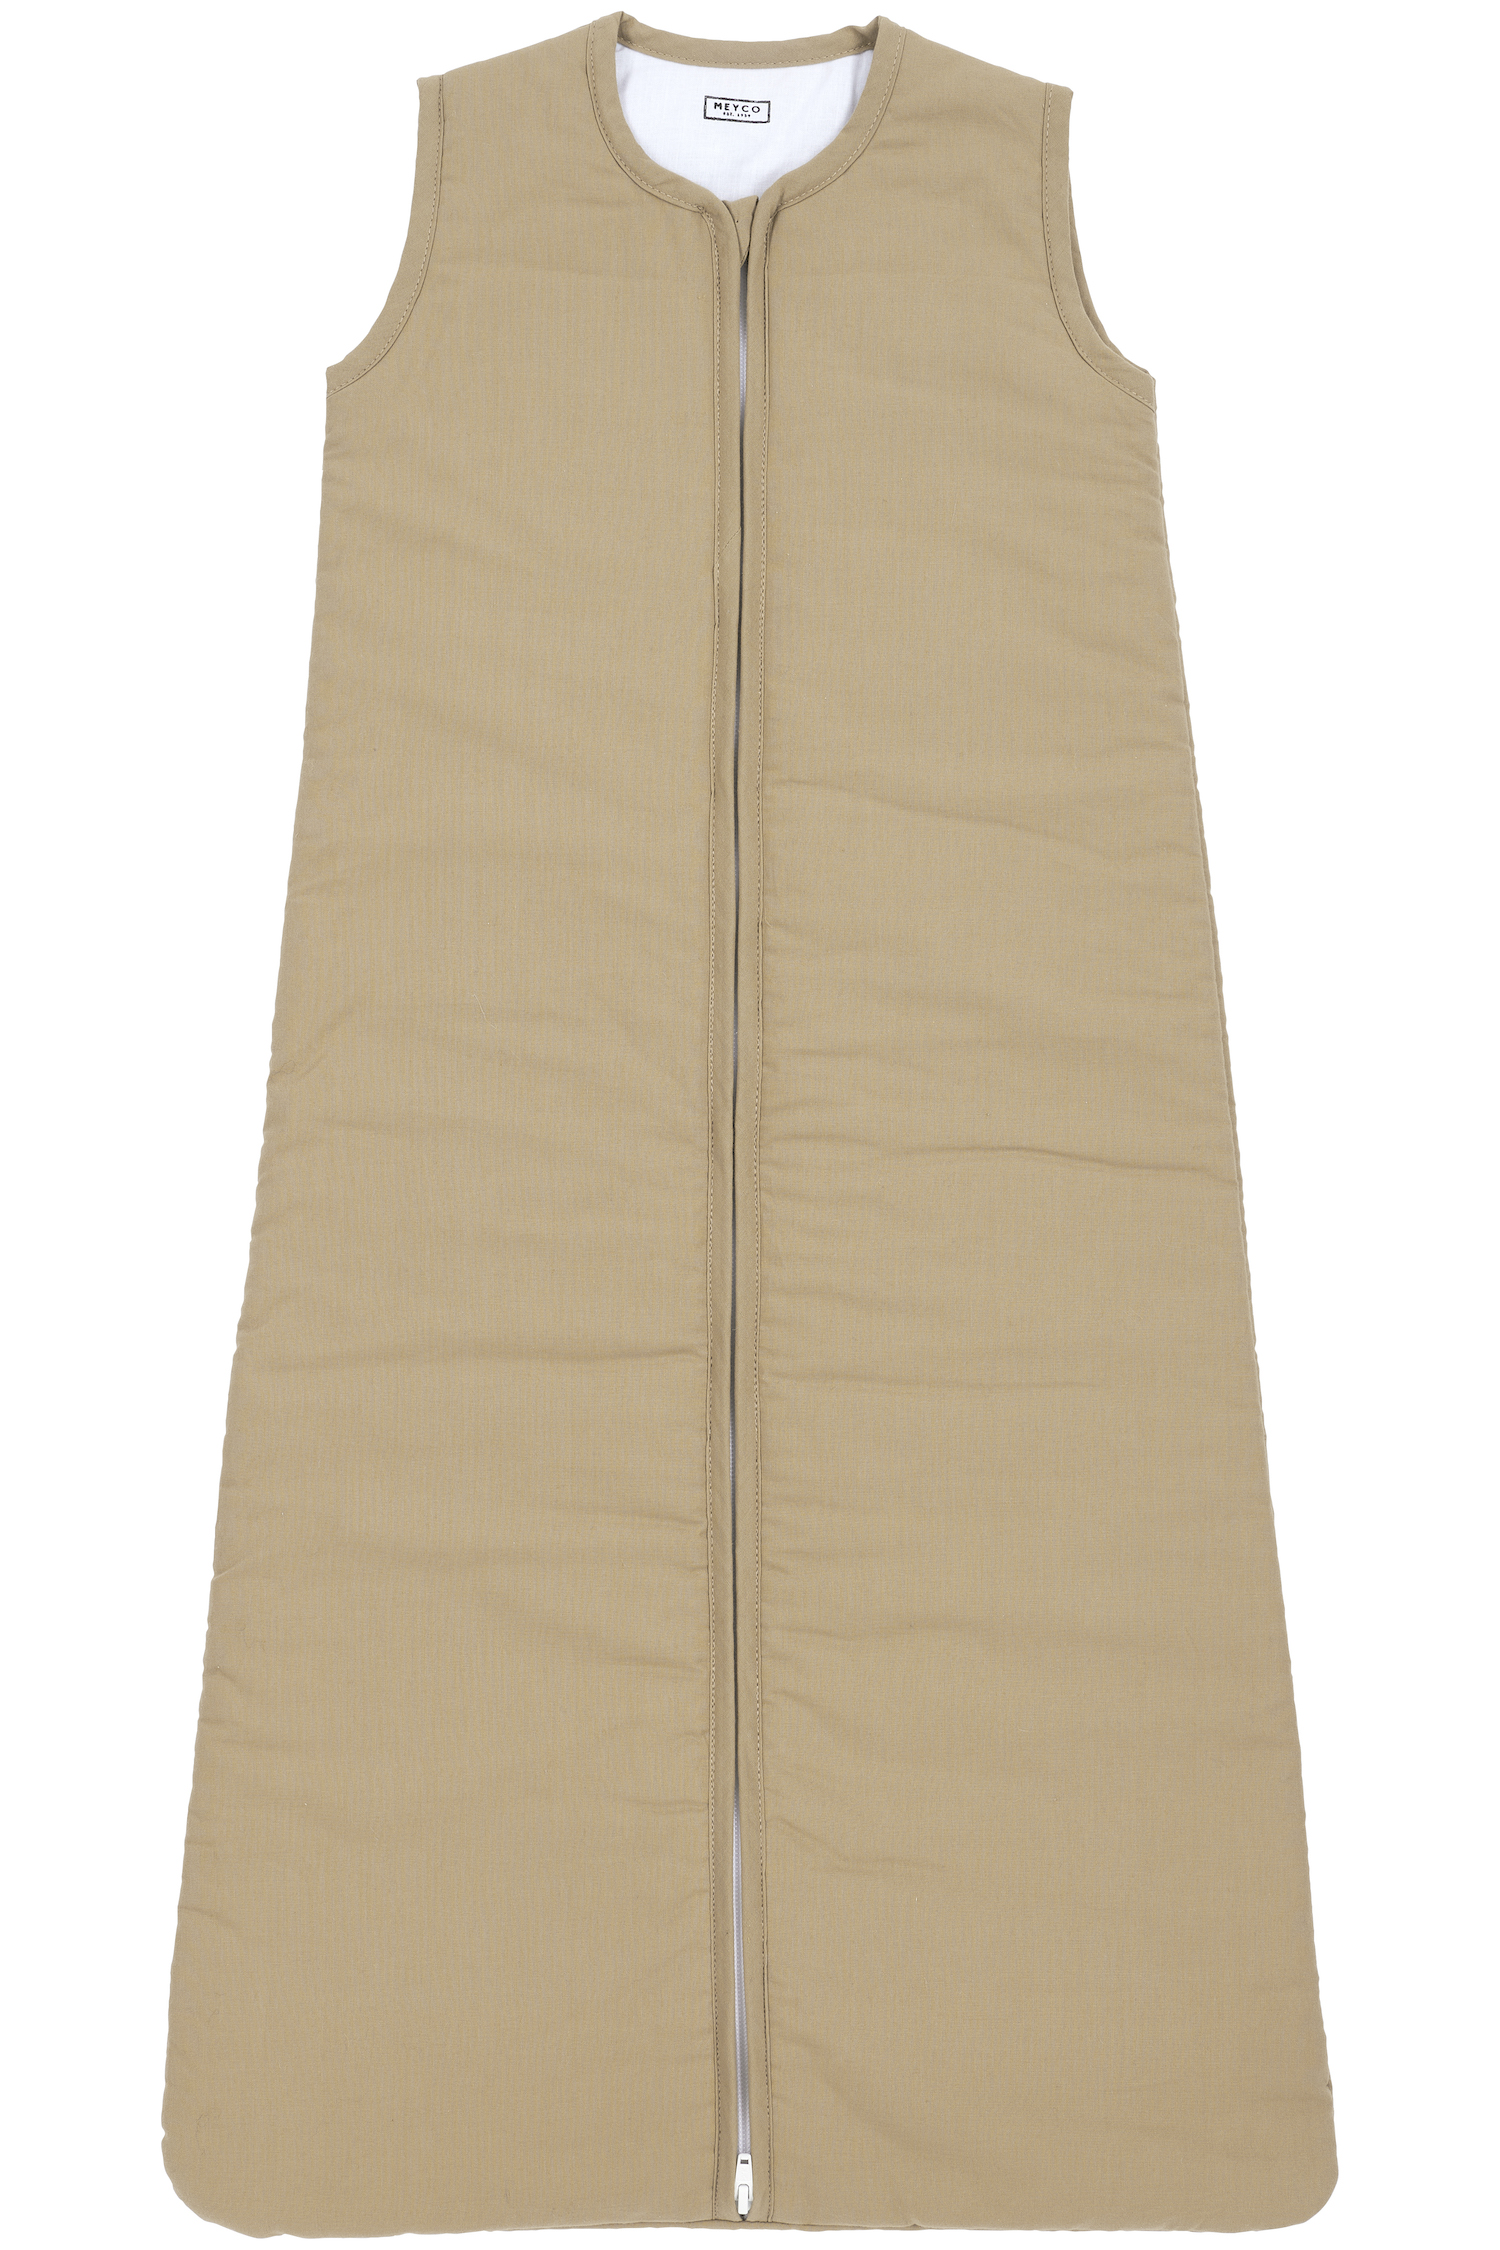 Schlafsack Gefüttert  Uni - Taupe - 90cm